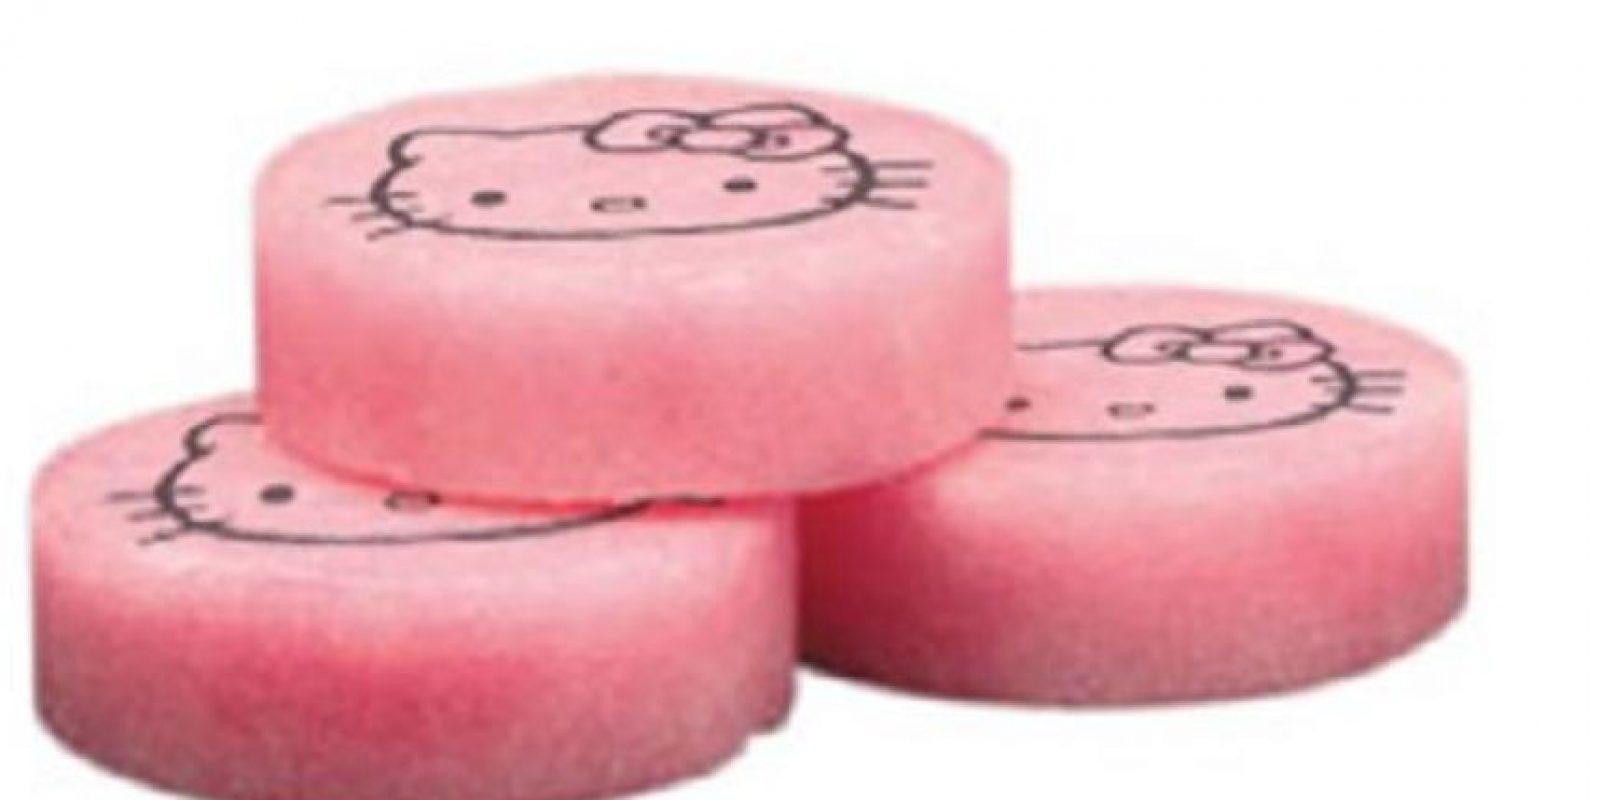 Pastillas para el inodoro de Hello Kitty. Foto:vía Smosh